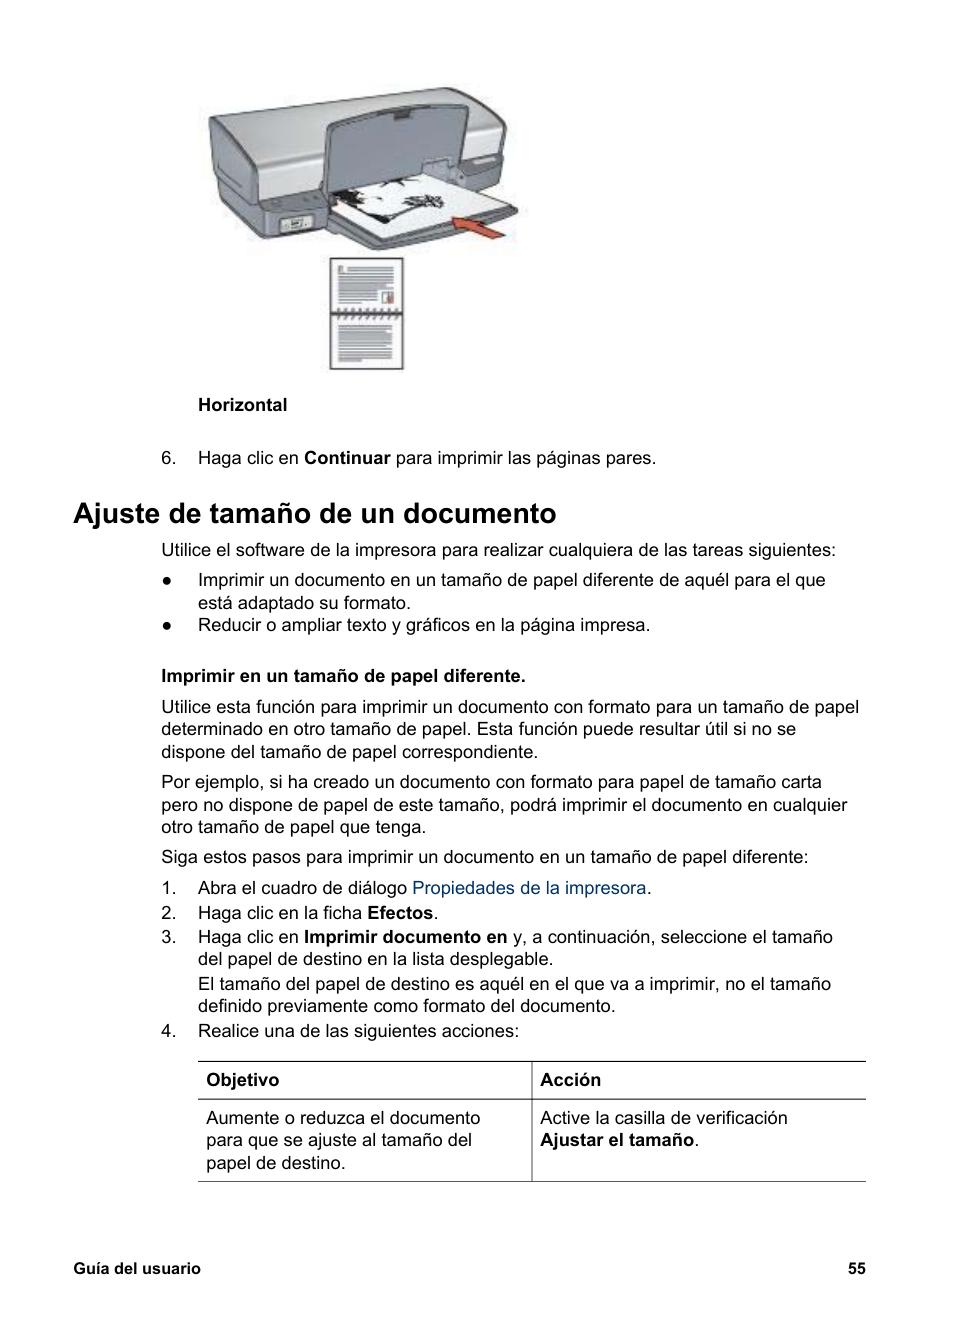 ajuste de tama o de un documento ajuste el tama o hp impresora rh pdfmanuales com hp deskjet 6540 manual hp deskjet 5440 service manual